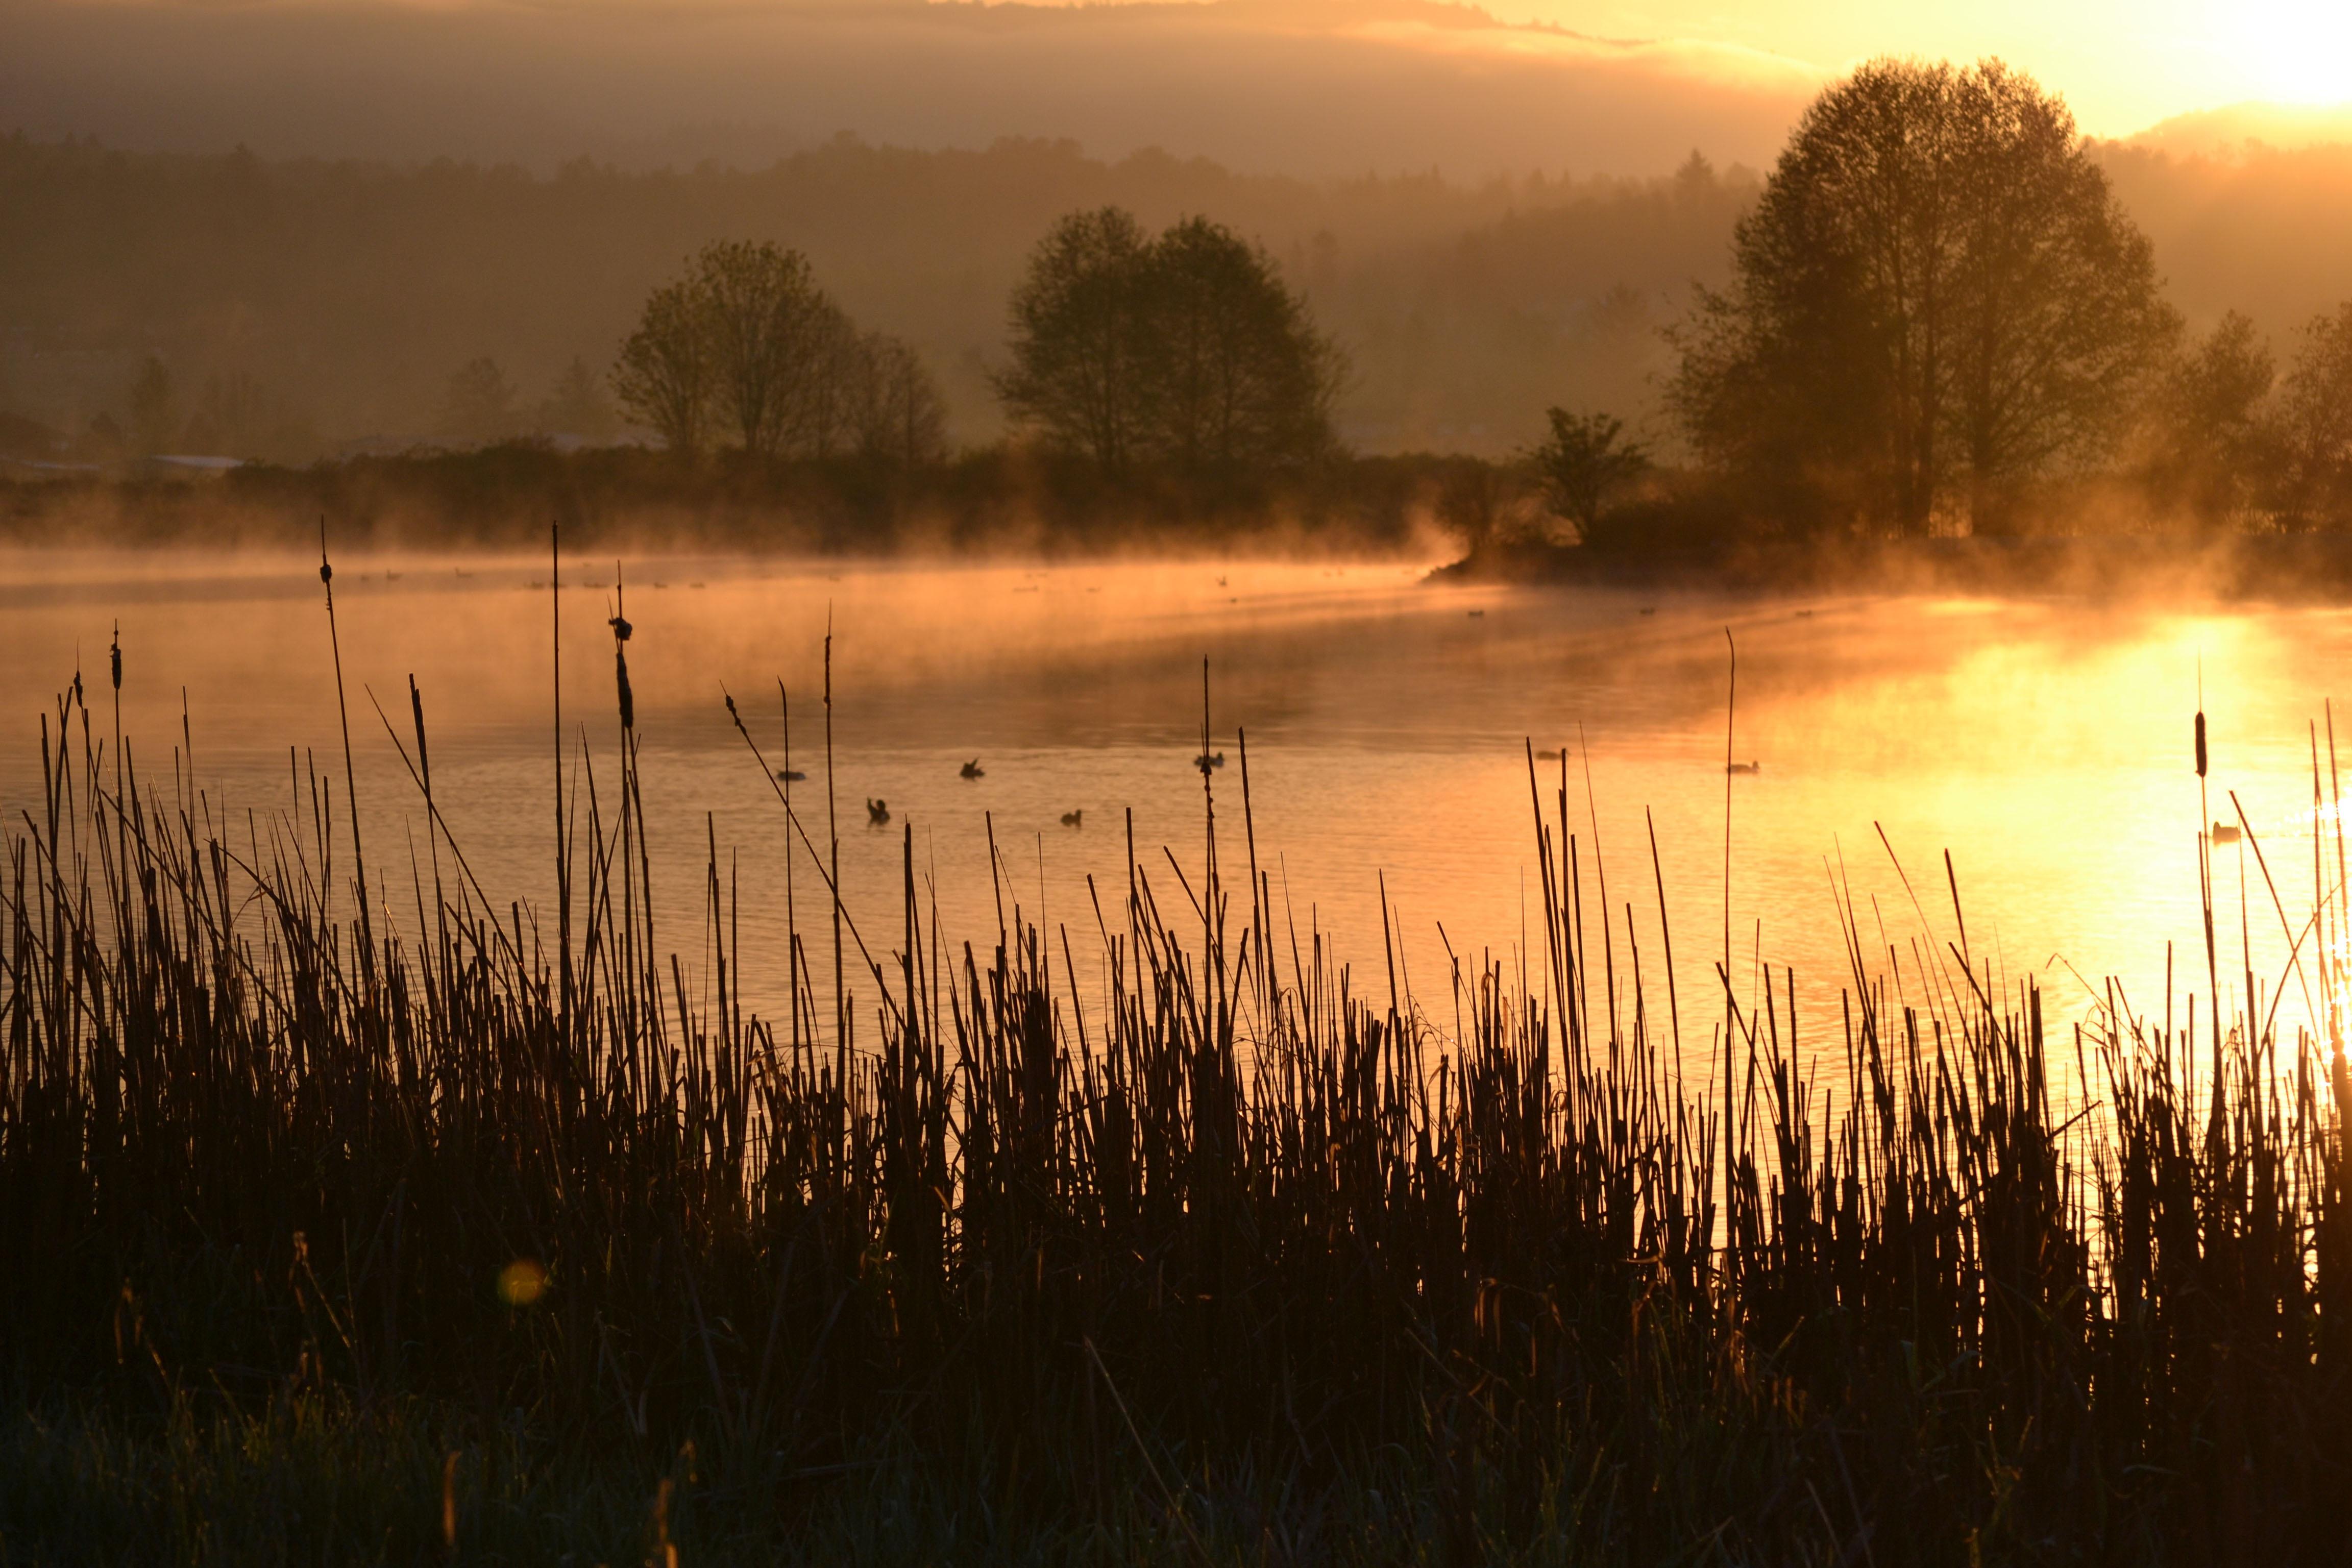 무료 이미지 : 나무, 물, 자연, 잔디, 습지, 안개, 해돋이, 일몰, 햇빛, 증기, 아침, 호수 ...